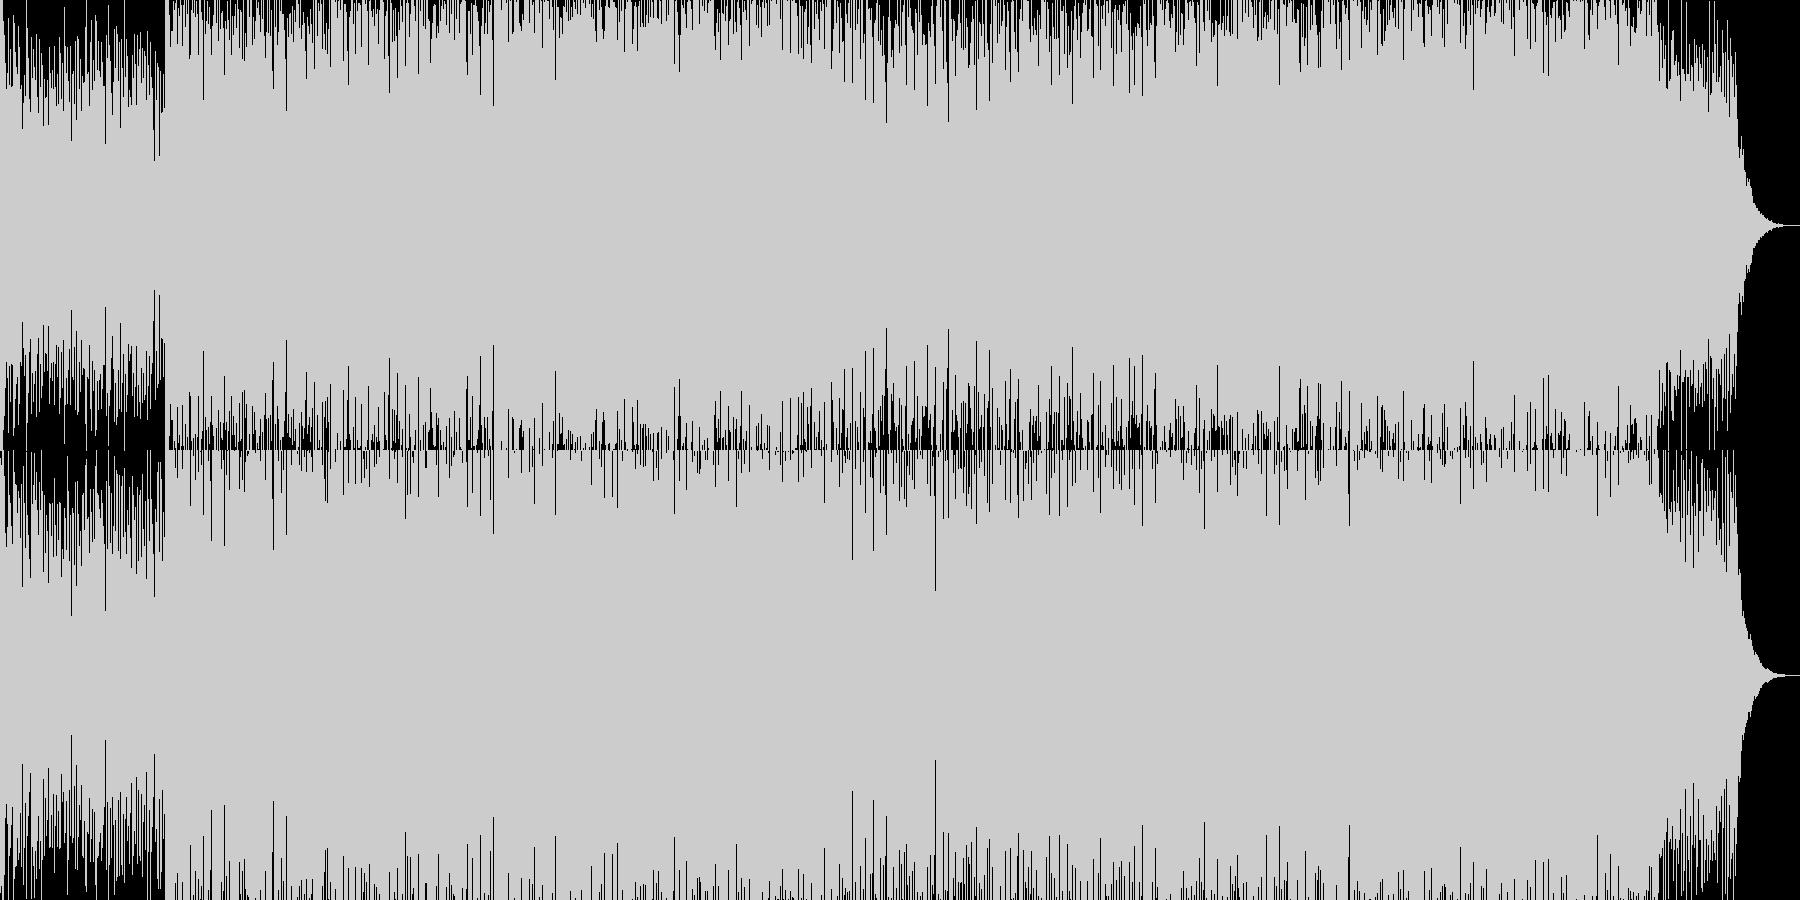 現代的で都会的なシンセミュージック-20の未再生の波形